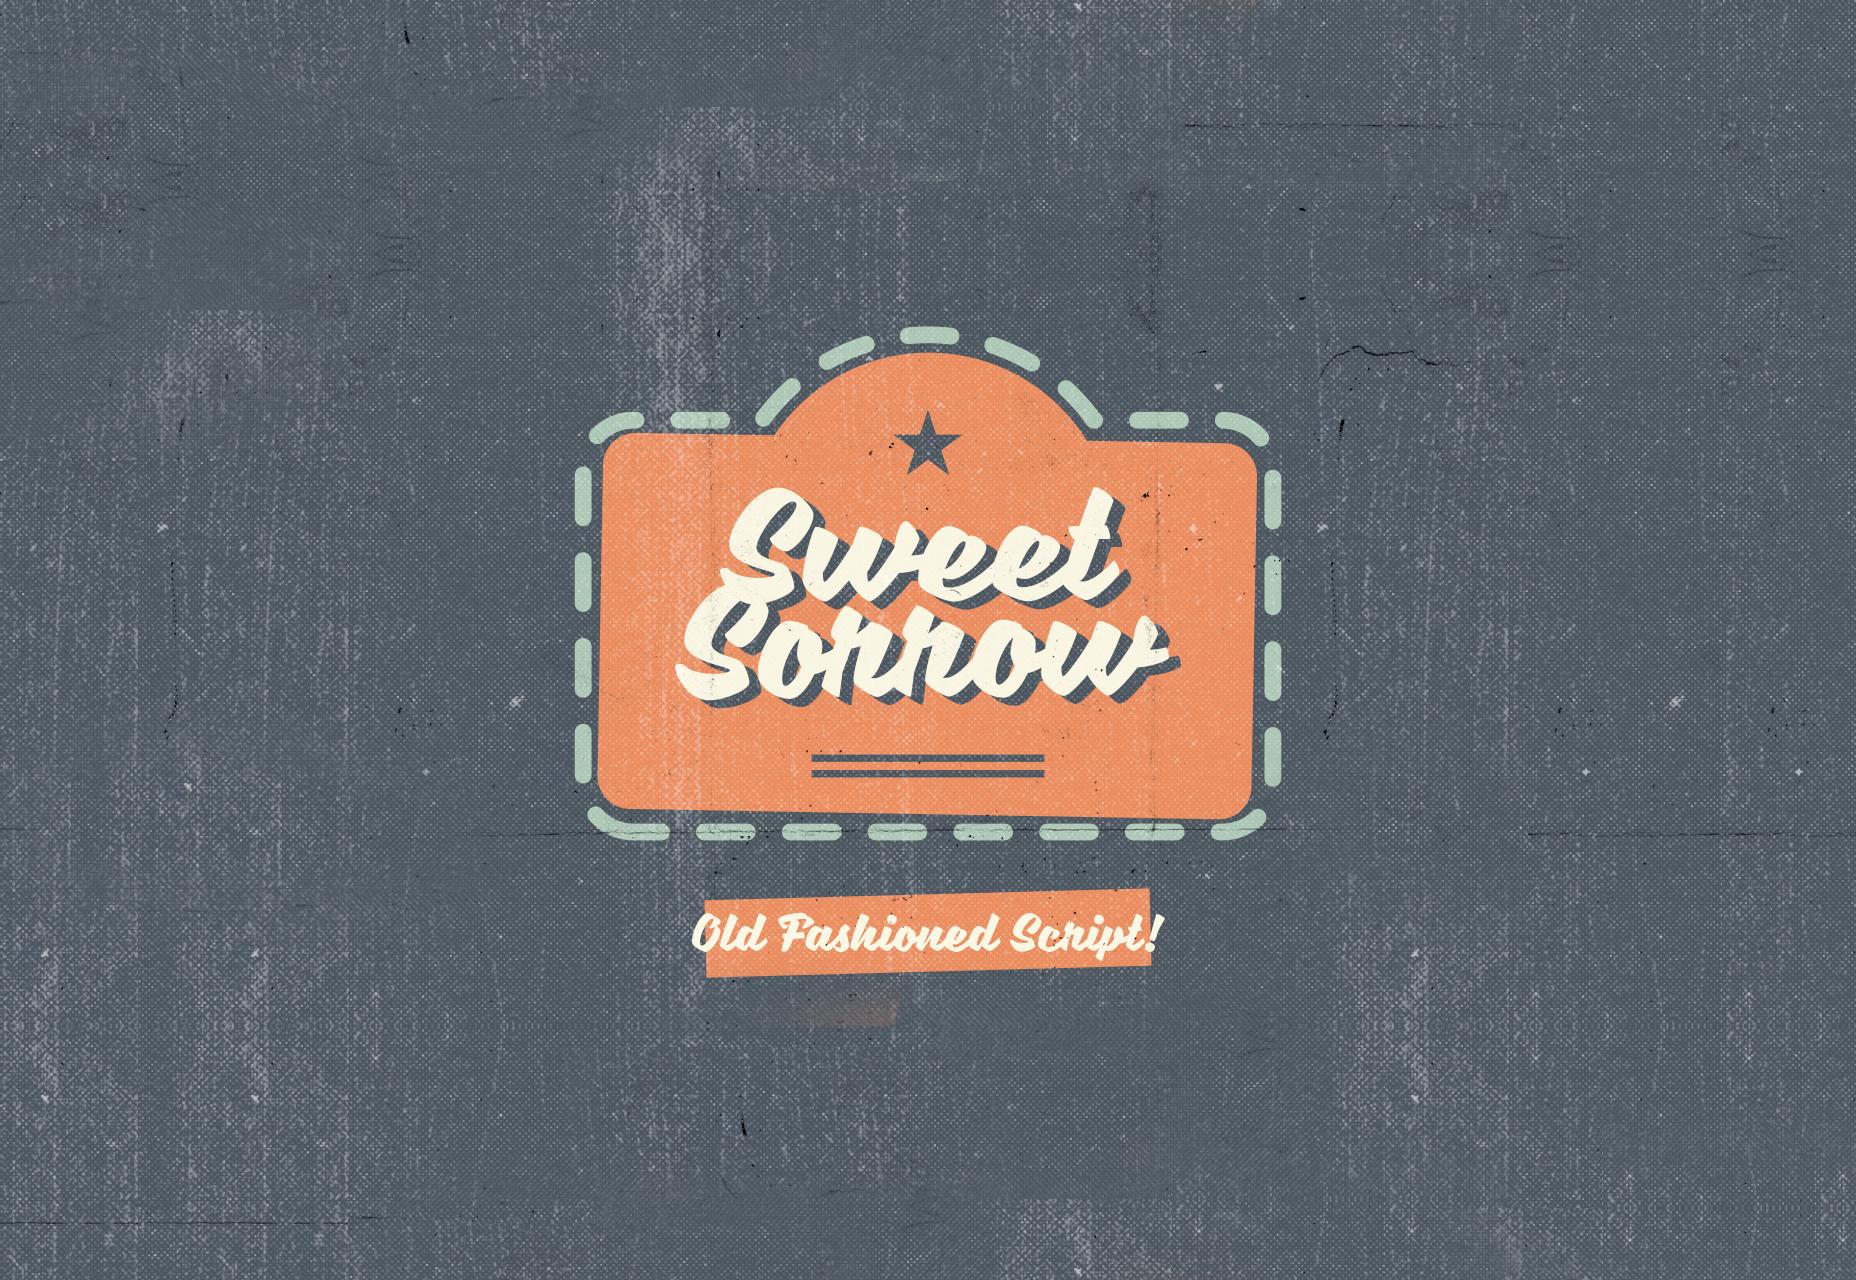 Sweet Sorrow: vanhanaikainen kirjoitusfontti